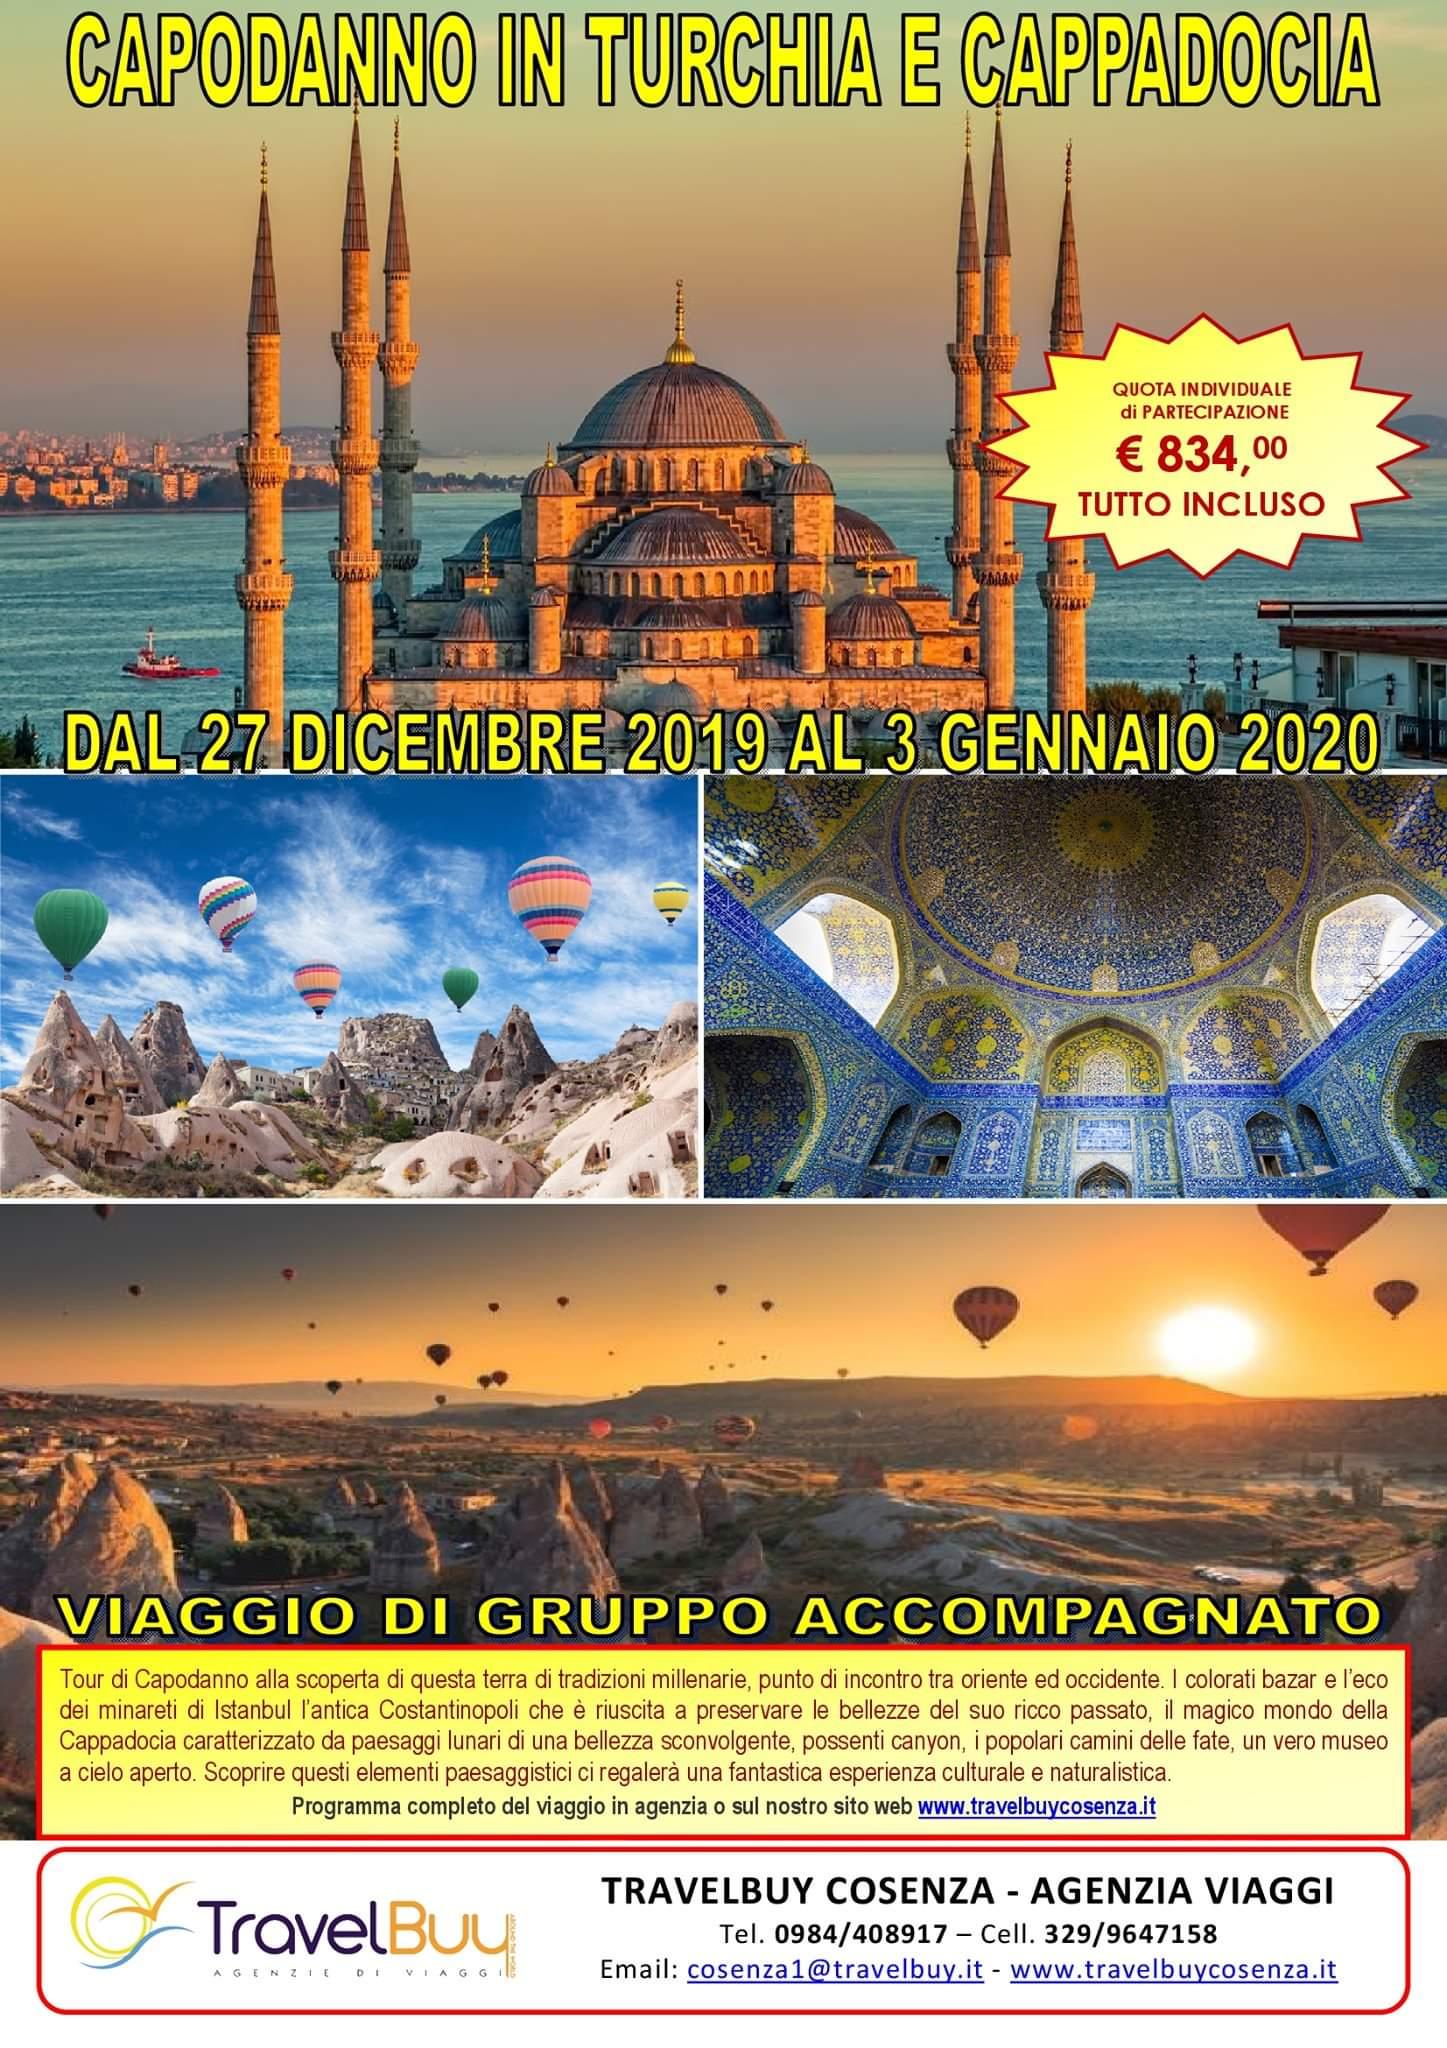 Miragica Calendario 2020.Viaggi Di Gruppo Travelbuy Cosenza Agenzia Viaggi